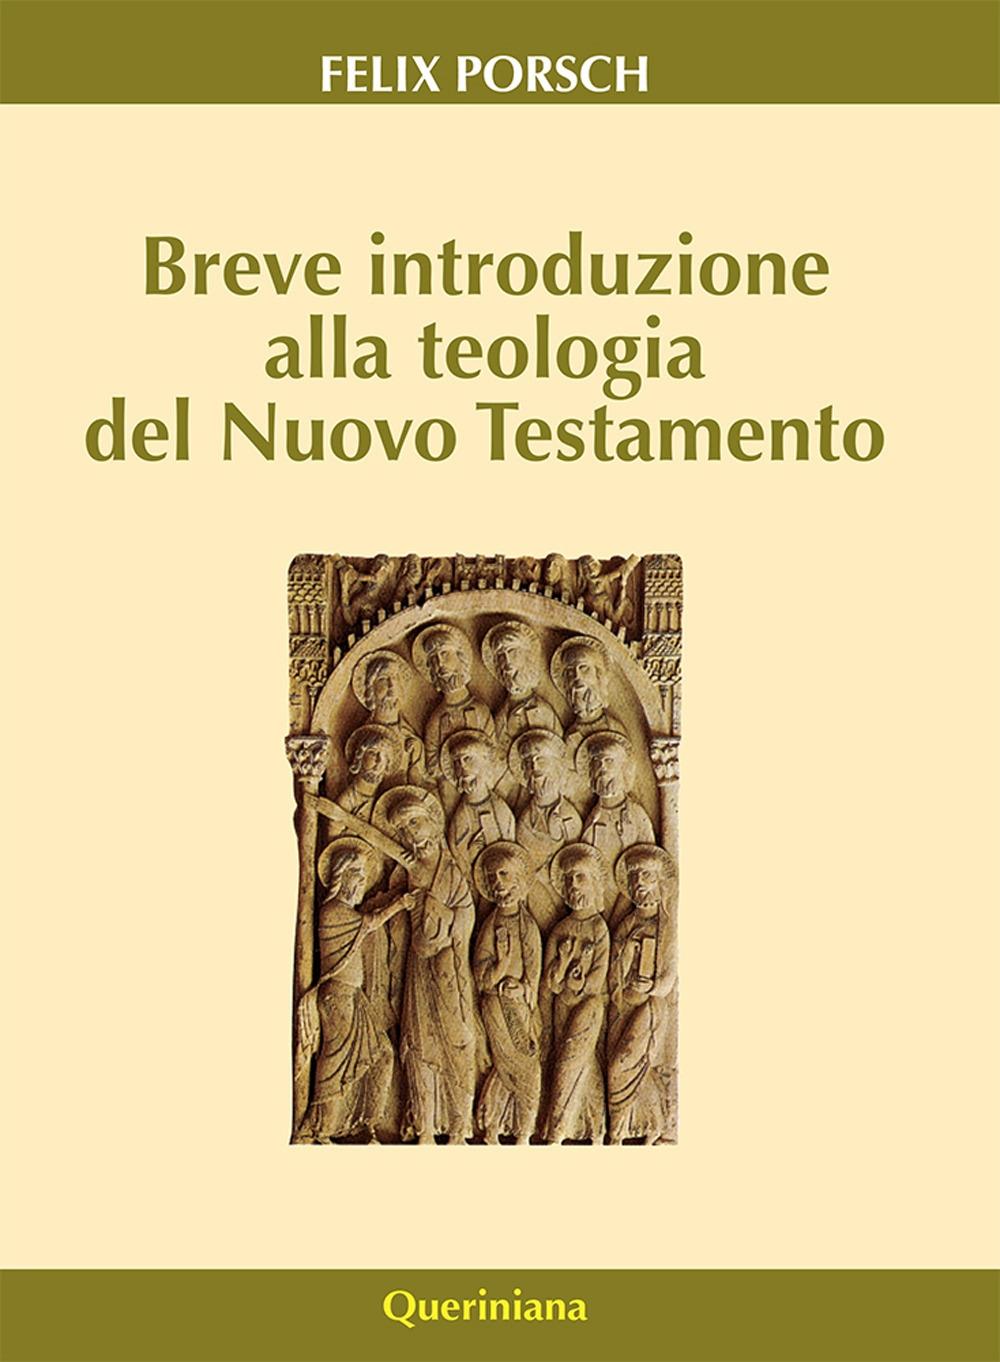 Breve introduzione alla teologia del Nuovo Testamento